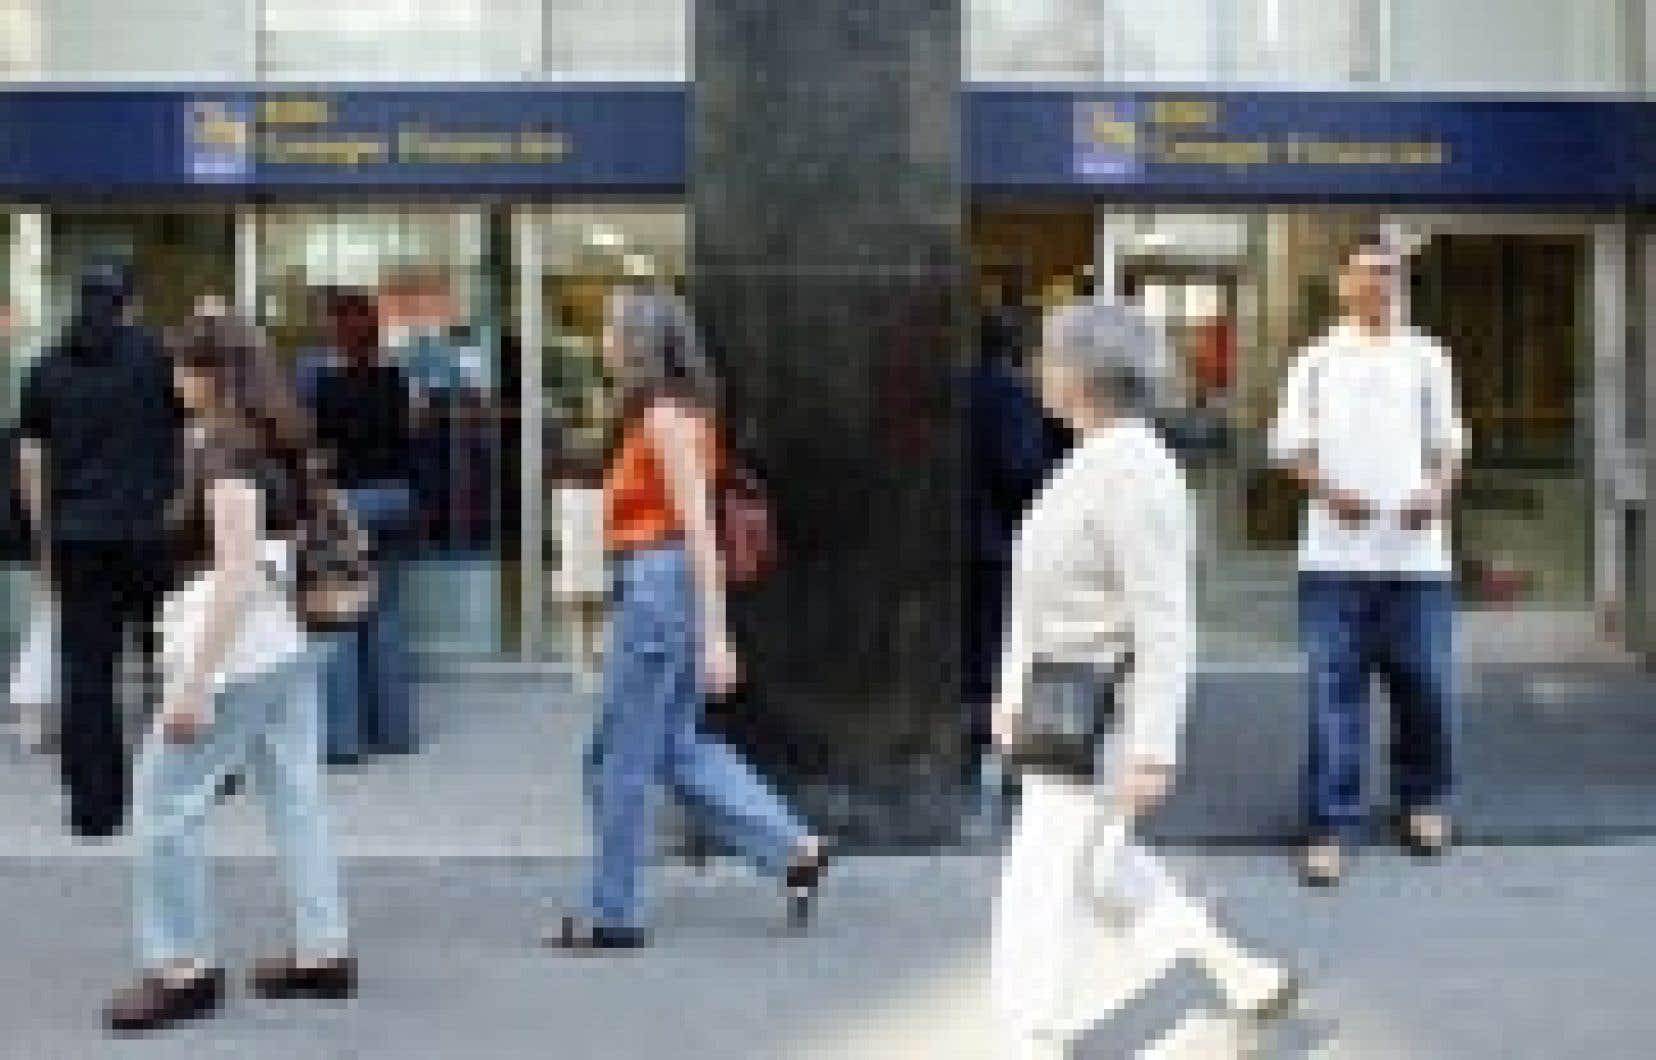 Une succursale de la Banque Royale à Montréal. L'institution a annoncé hier s'être entendue avec Enron au sujet des réclamations liées à la faillite de la firme de courtage américaine.